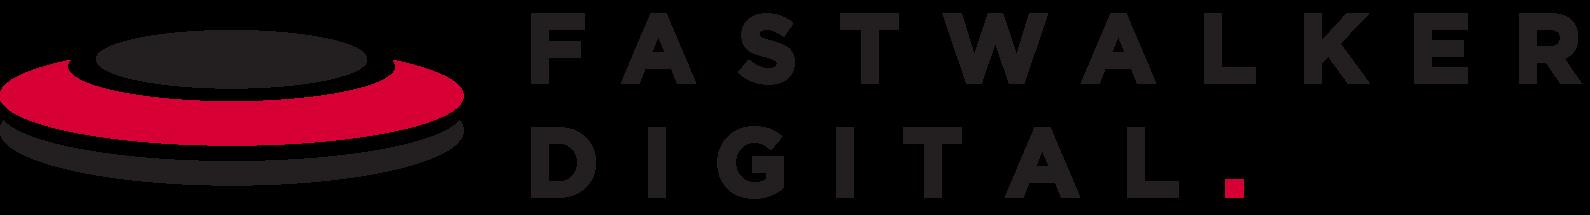 Fastwalker Digital